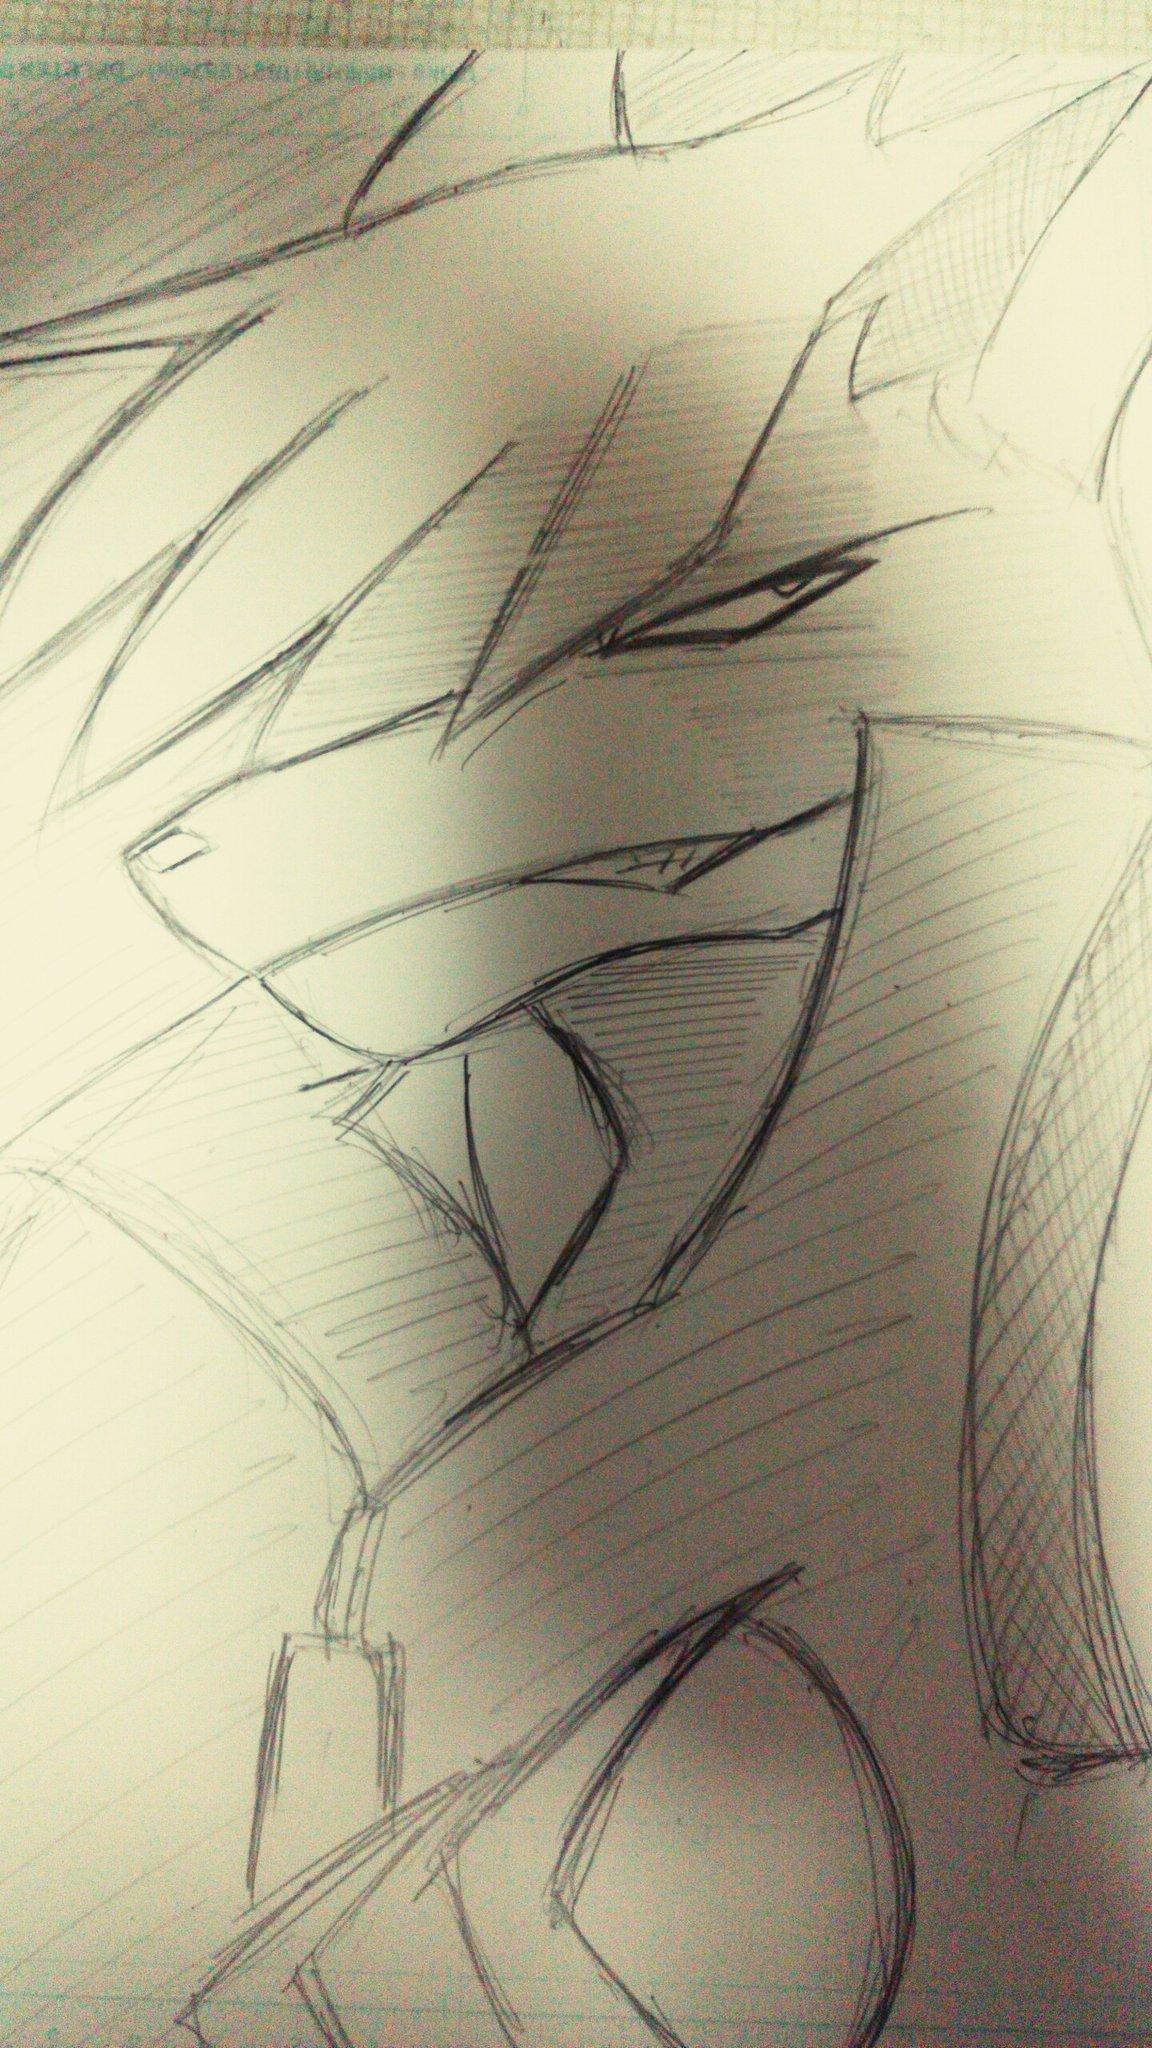 柊にゃんにゃん@ヒレカツ柊 (@LOVEDDR_NyanCat)さんのイラスト